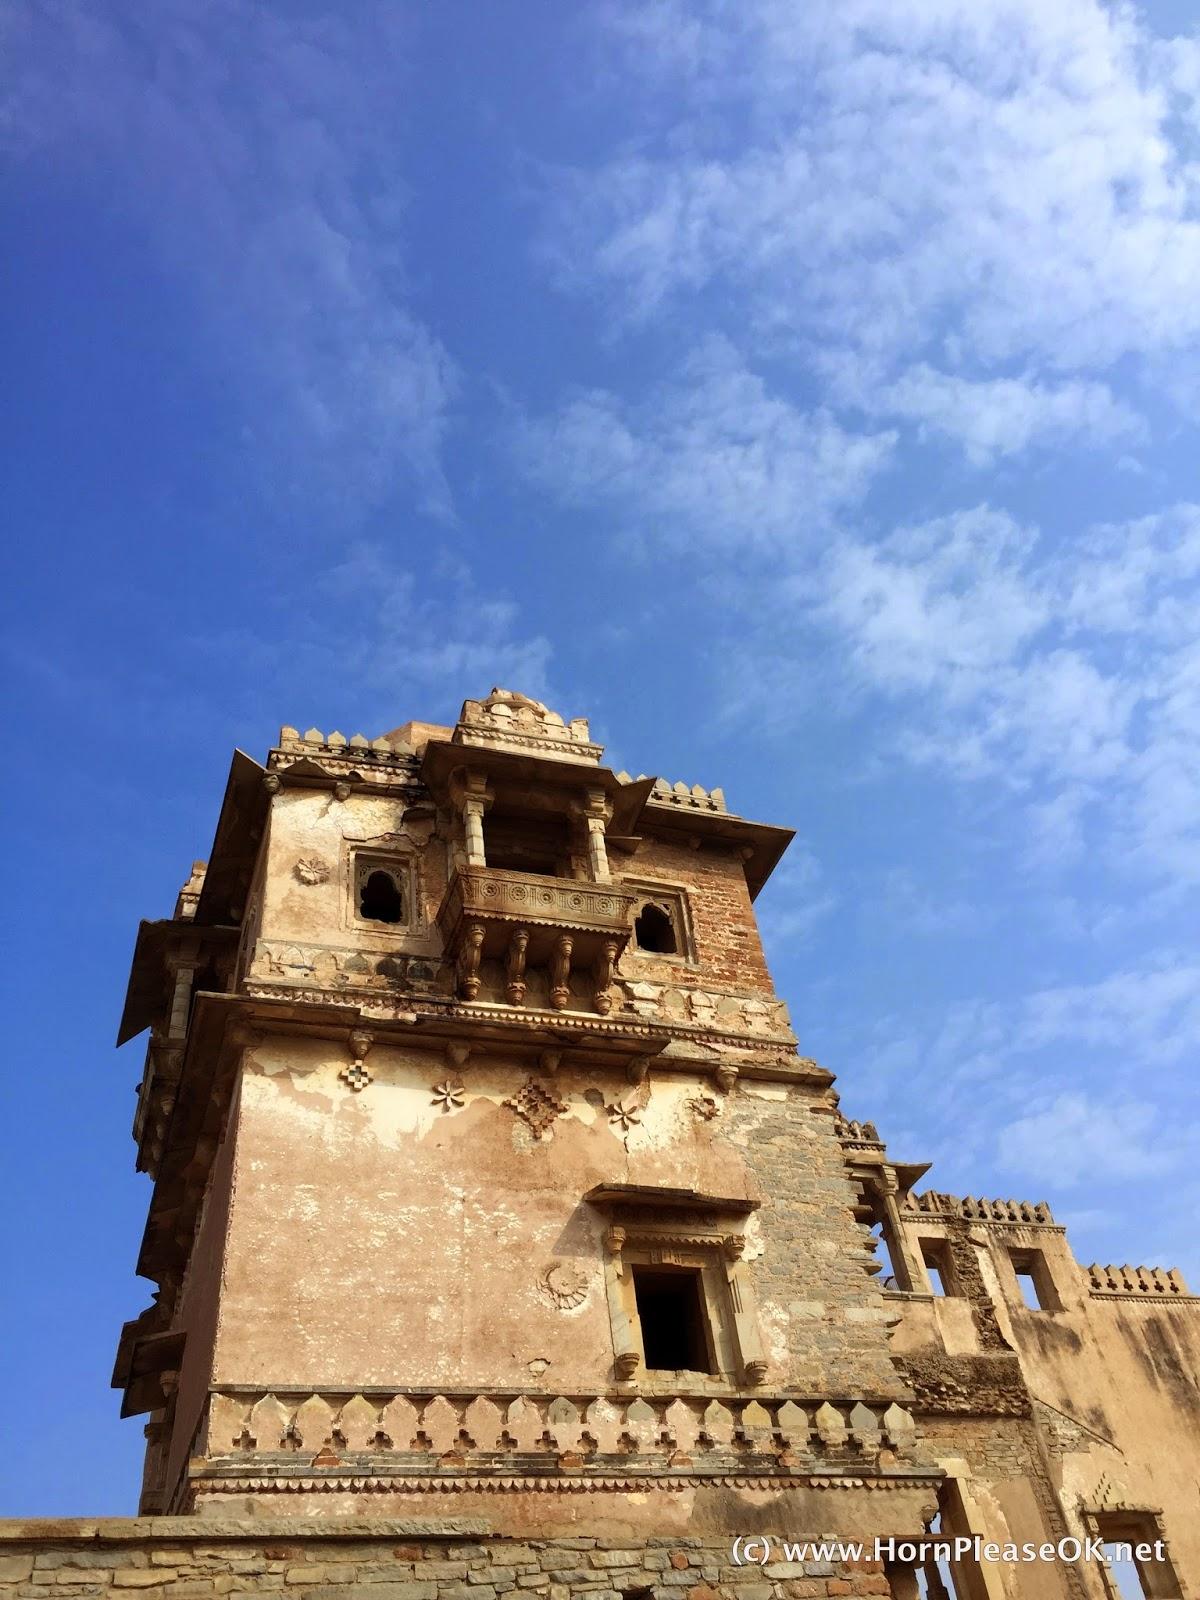 Ruins of Kumbha Palace, Chittorgarh Fort